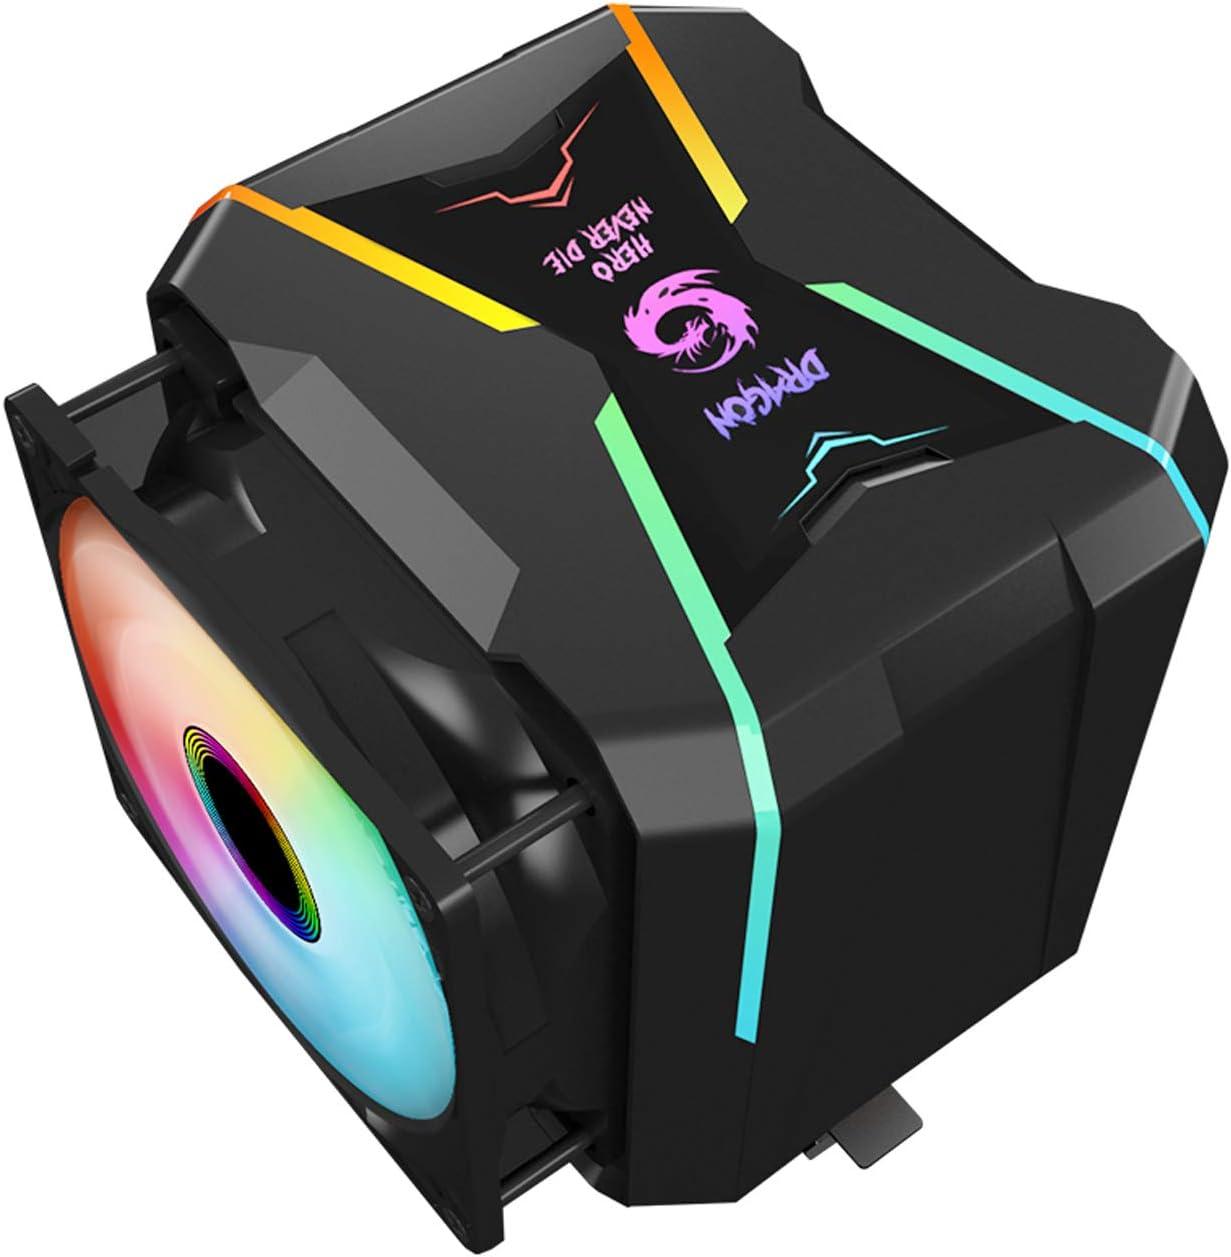 Gegong Enfriador de CPU G400-ARGB Enfriador de CPU AM4 Enfriador RGB direccionable de 5 V 2 disipadores de Calor 2 Ventiladores de enfriamiento 4 Heatpipes Enfriador de Aire de CPU Ventilador PWM